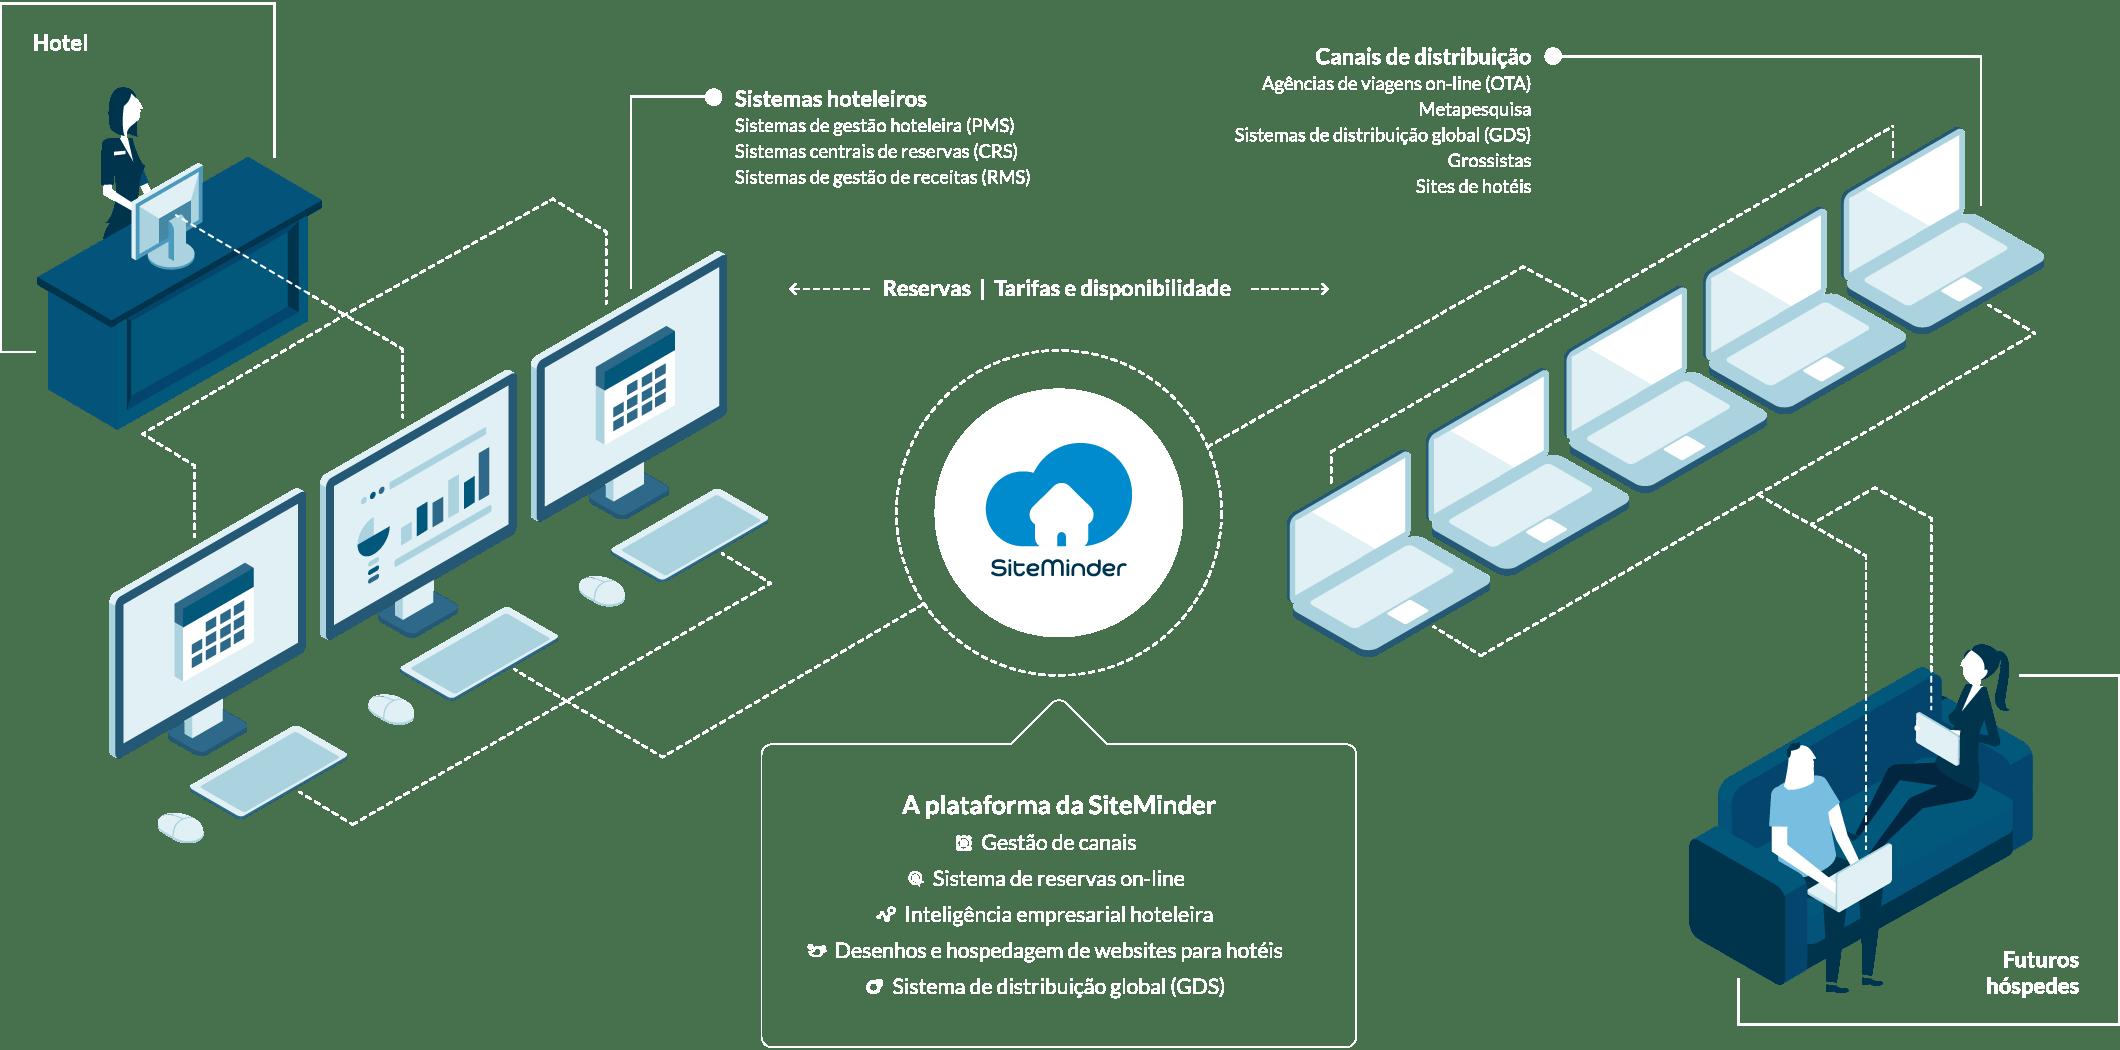 A plataforma da SiteMinder